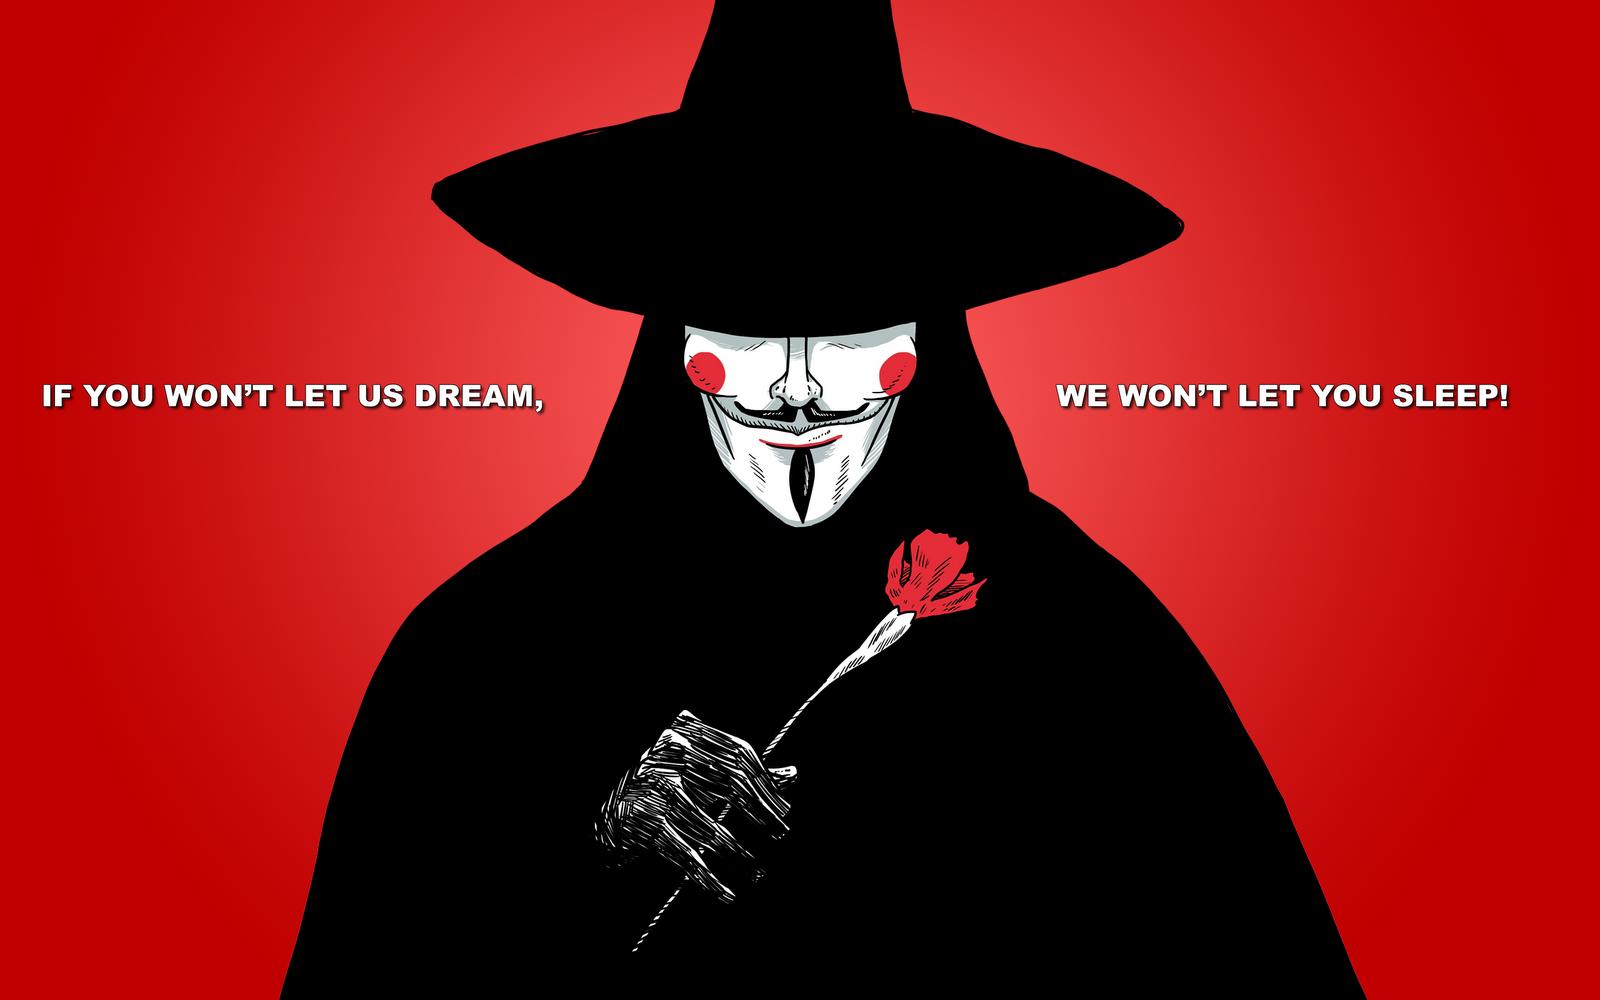 V For Vendetta Mask Wallpaper Quotes Hi.Def.Walls: A...